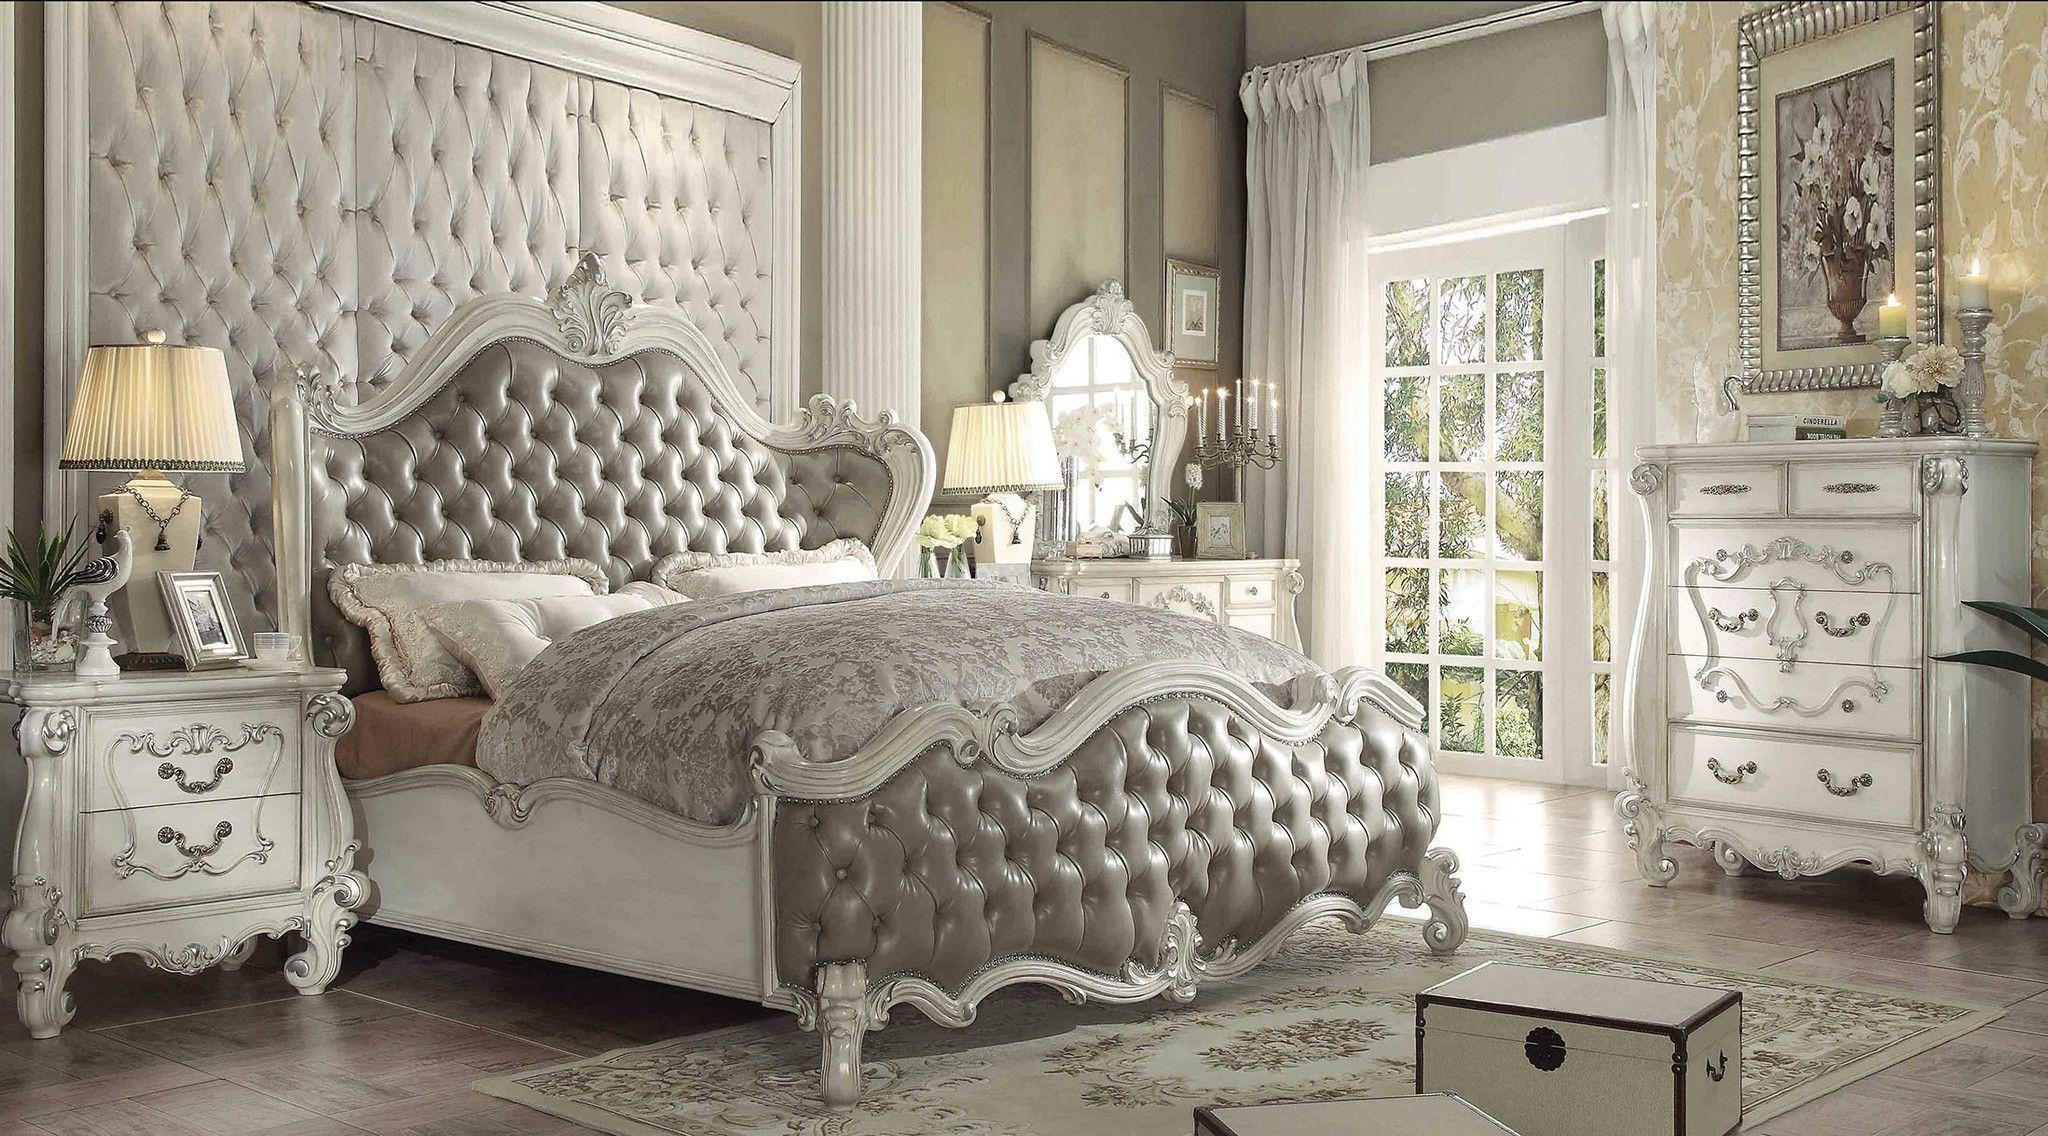 Versailles 5 Pcs Bedroom Sets  Bedroom sets queen, Bedroom